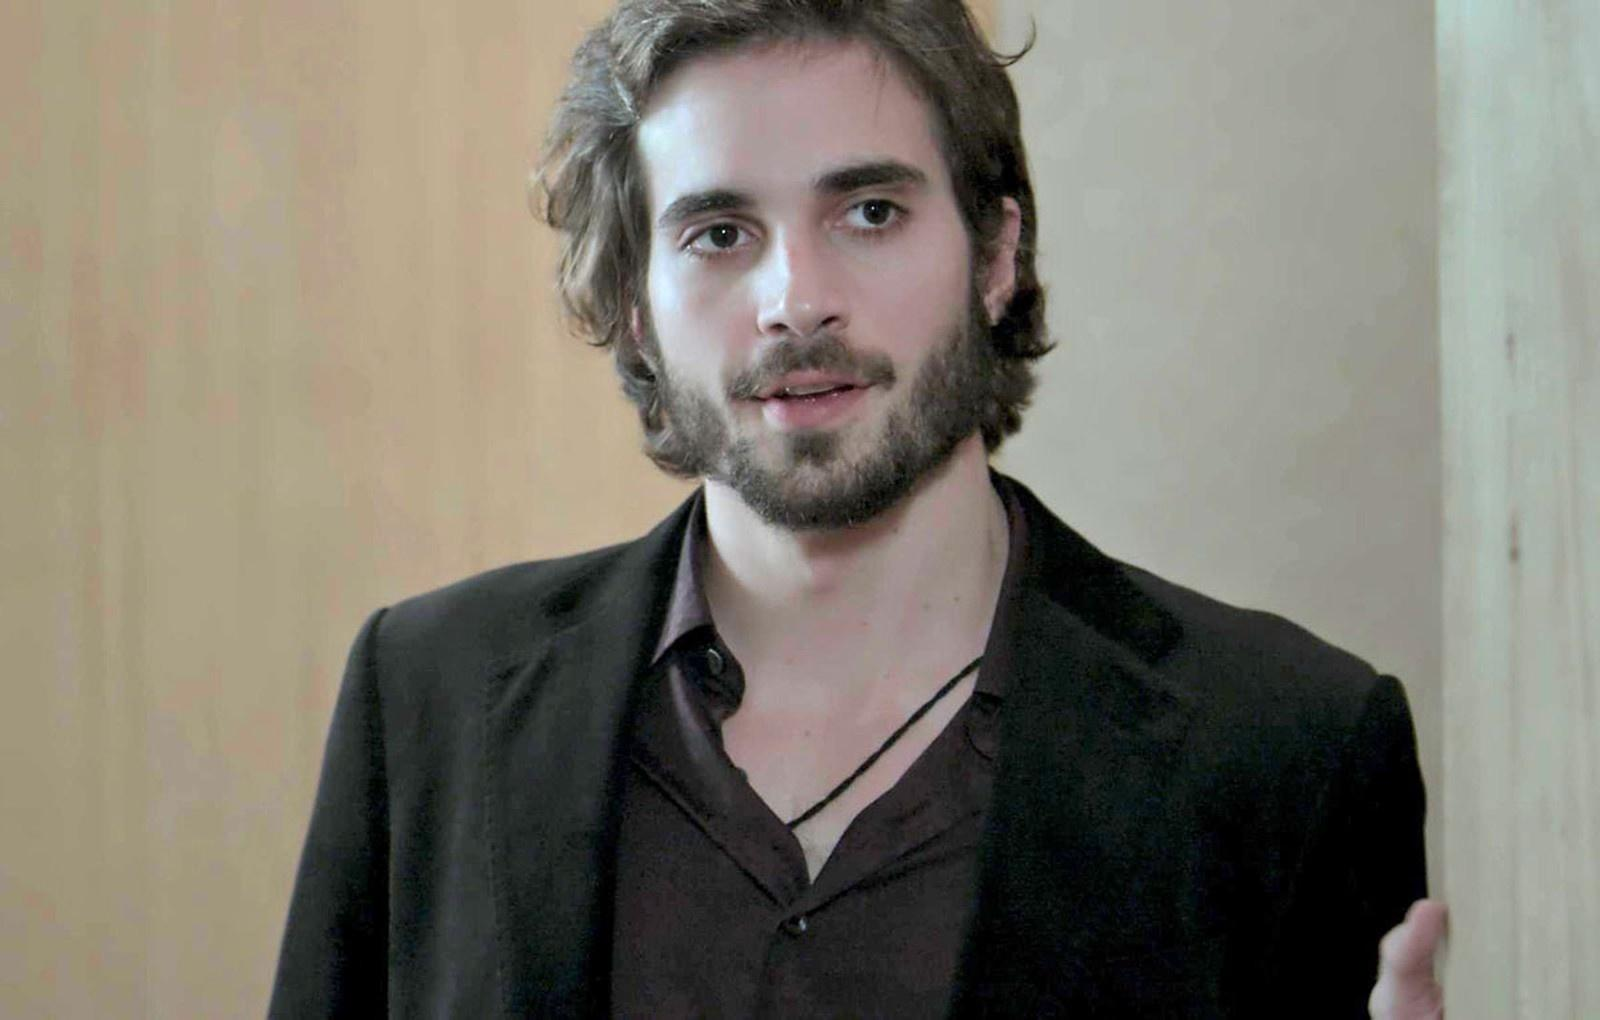 Fiuk, quem é? Biografia, carreira de ator e cantor e relacionamentos